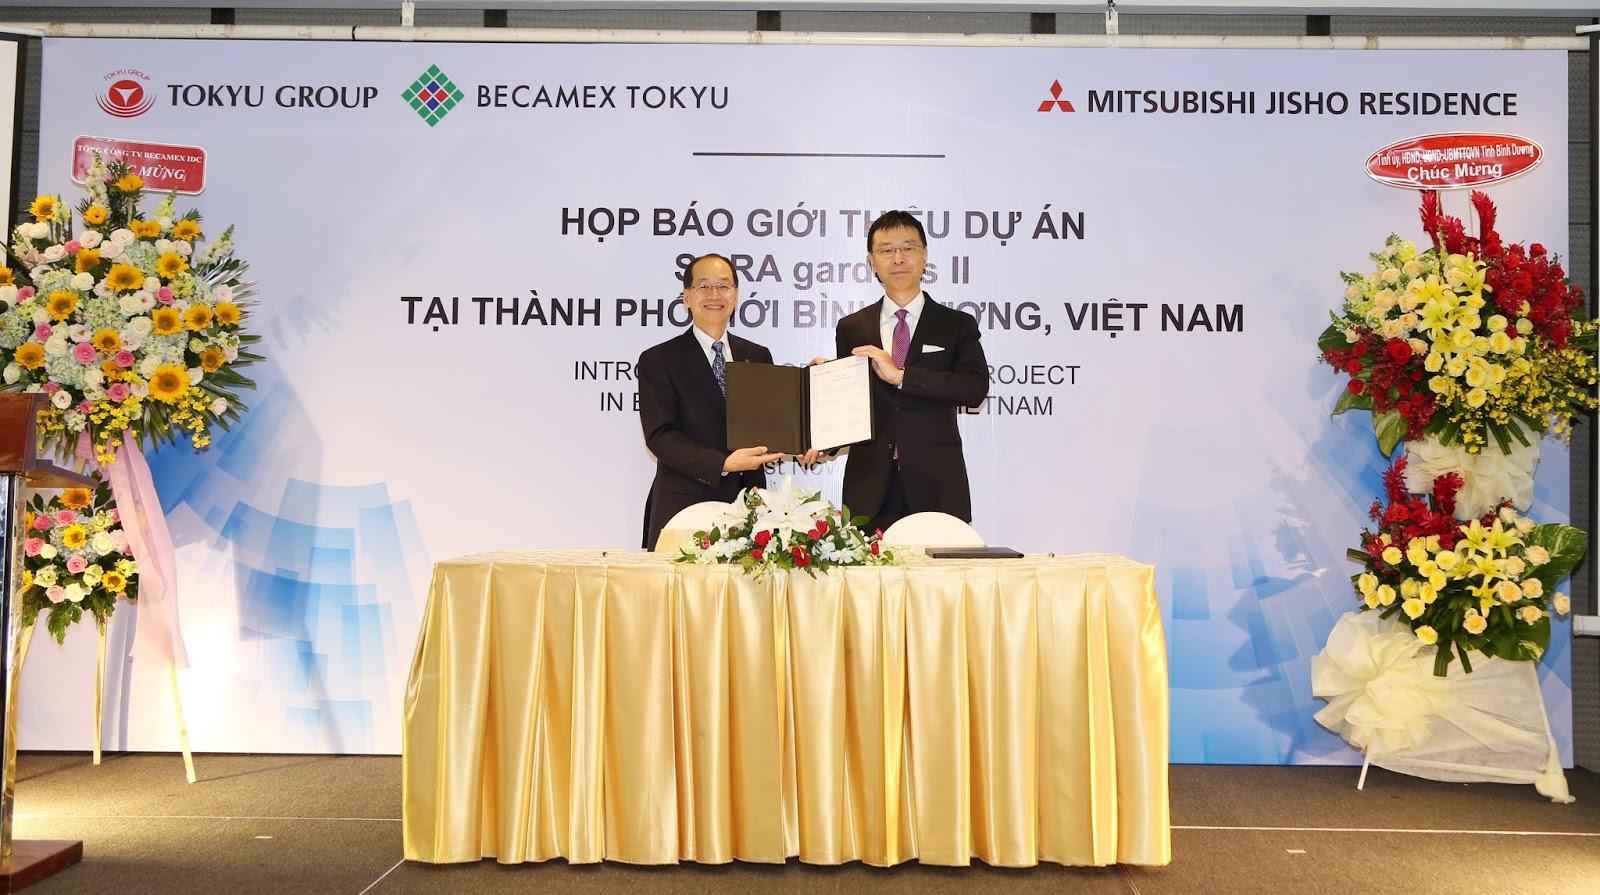 ベトナム・ビンズン省において、東急グループと三菱地所グループが合弁会社を設立